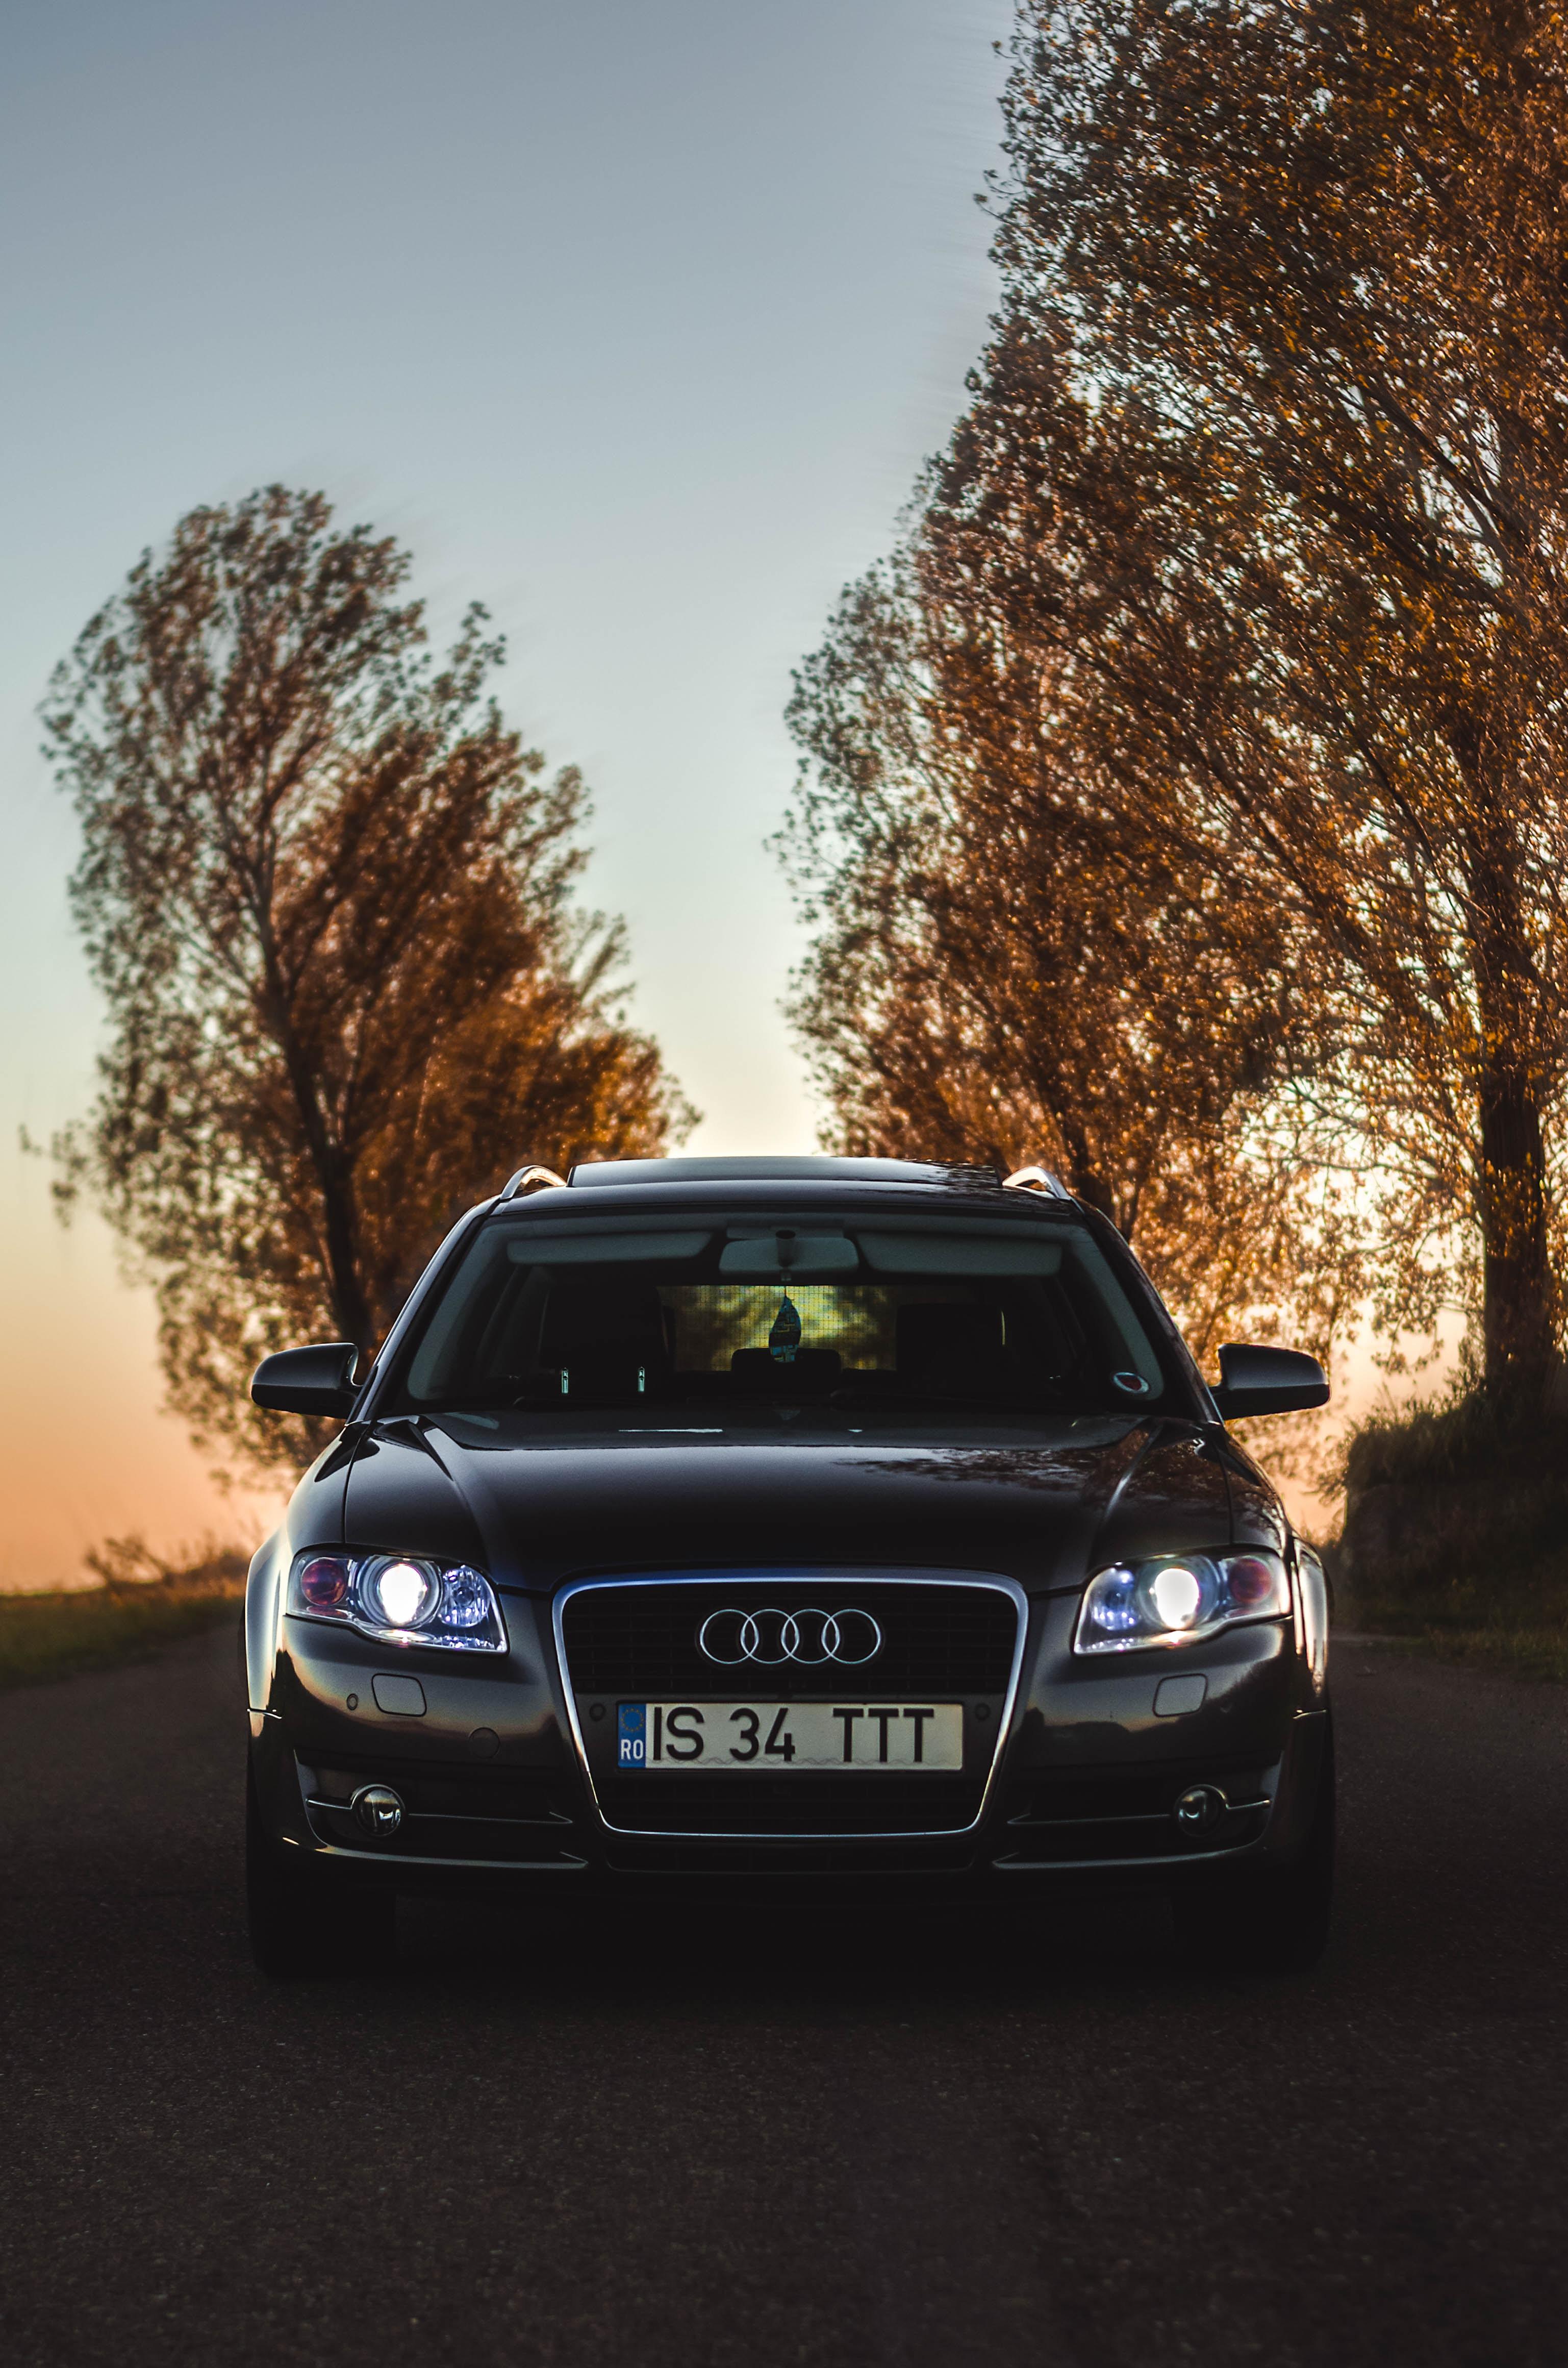 85238 завантажити шпалери Ауді, Тачки, Дорога, Автомобіль, Вид Спереду, Audi Q7 - заставки і картинки безкоштовно